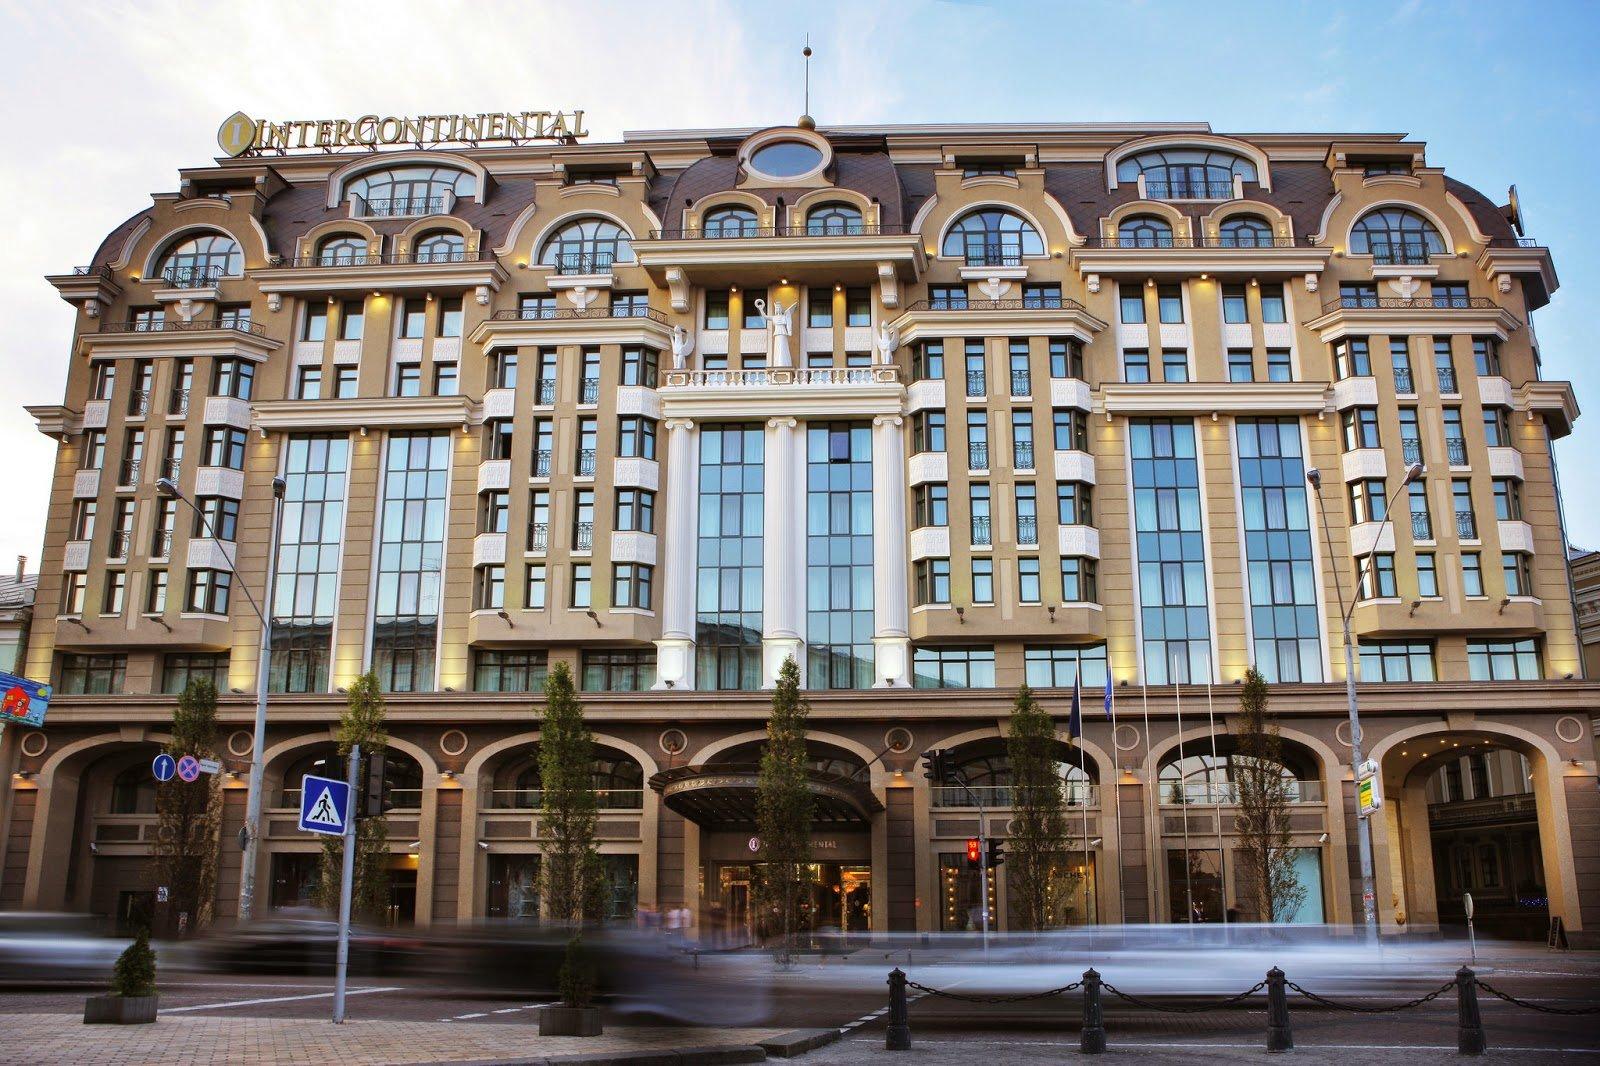 Пятизвездочная гостинница Intercontinental, фото: Booking.com